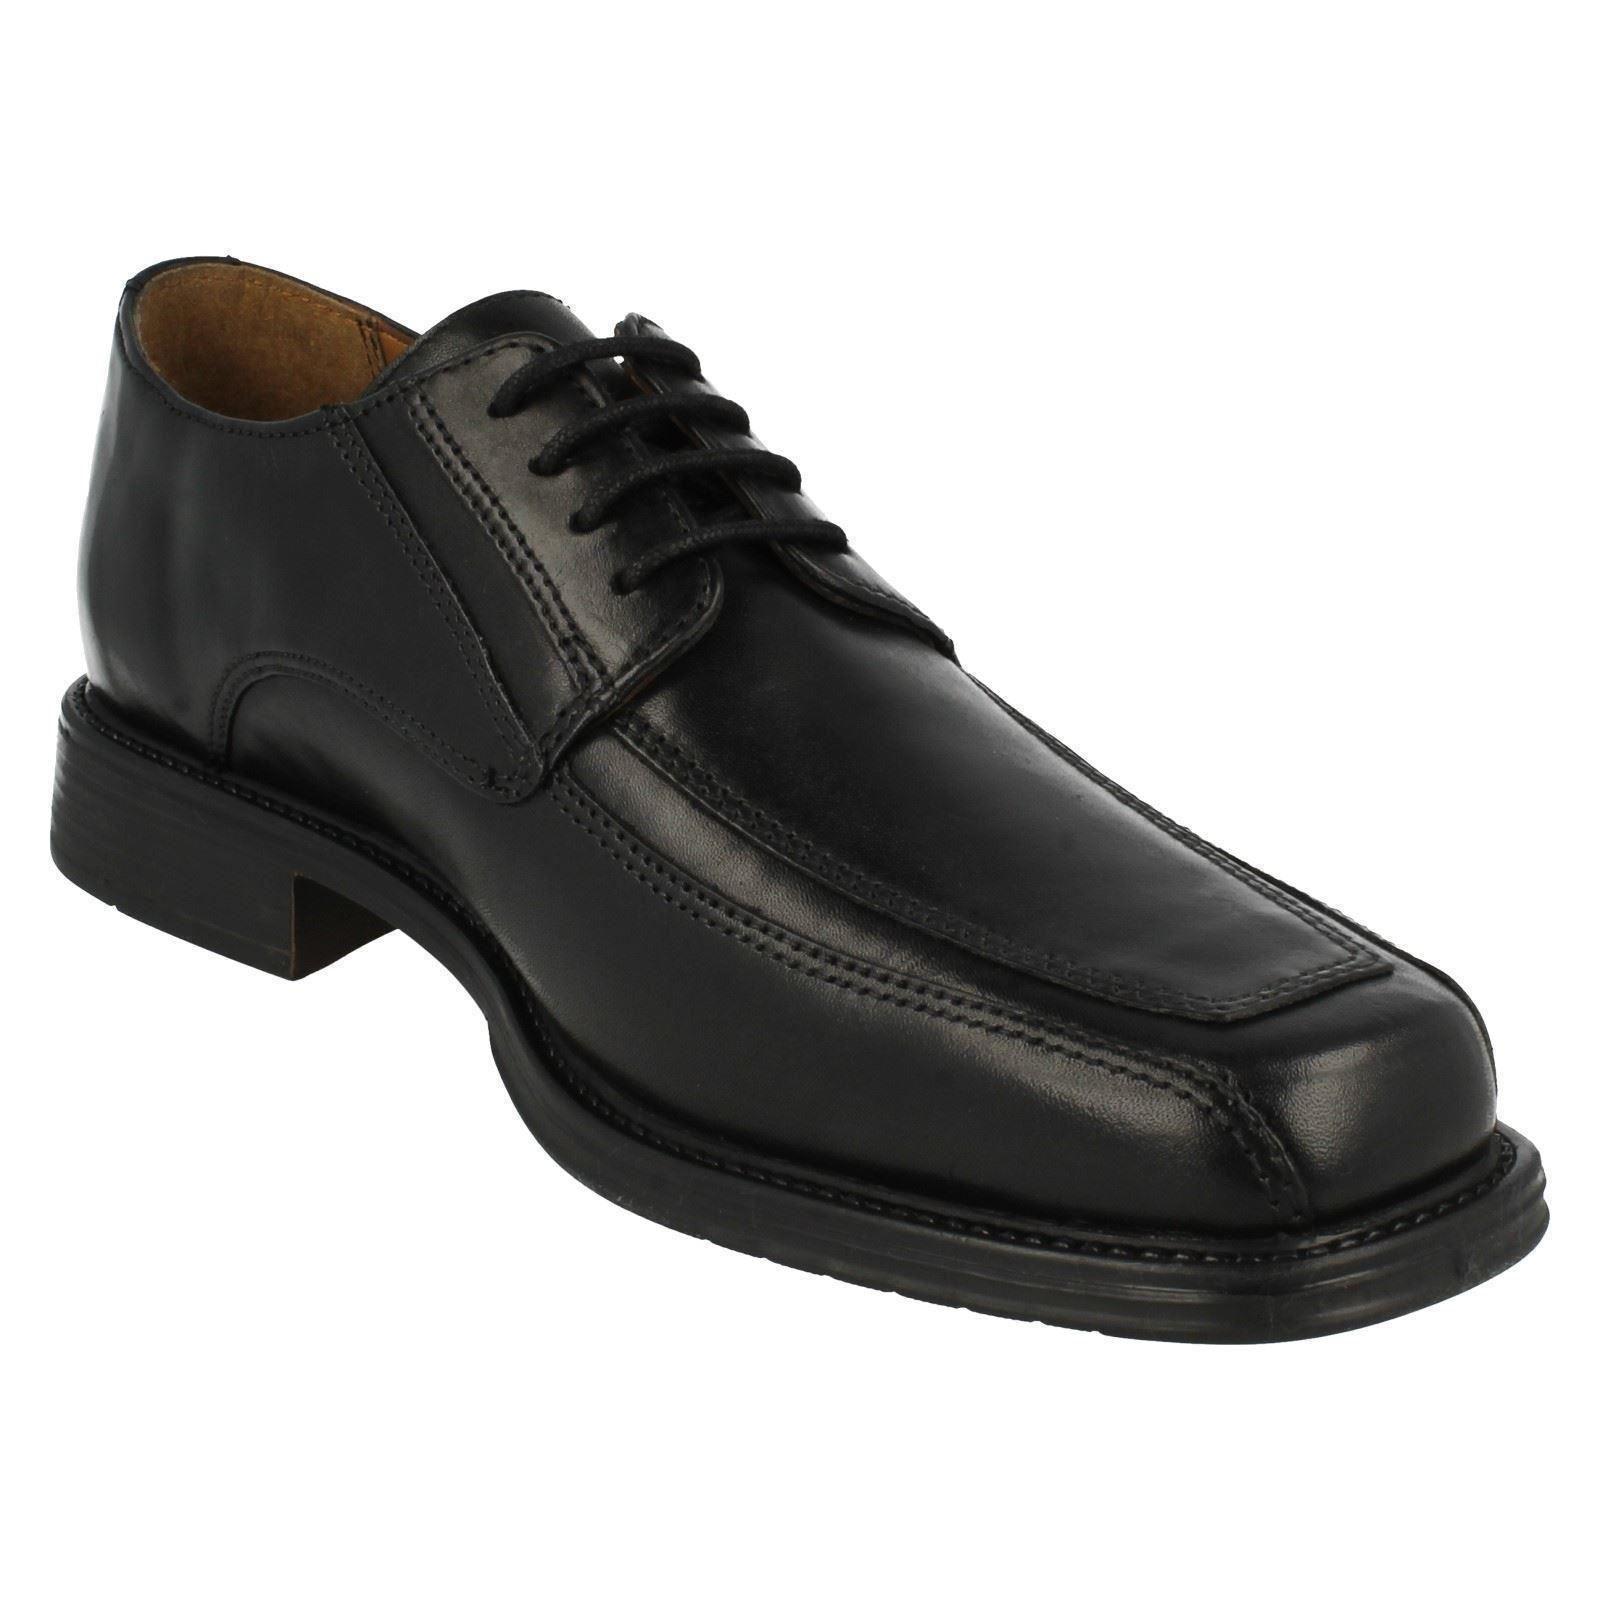 SALE Herren Driggs Clarks Walk Schwarze Leder-schnürschuhe von Clarks Driggs Verkaufspreis 9b87bb